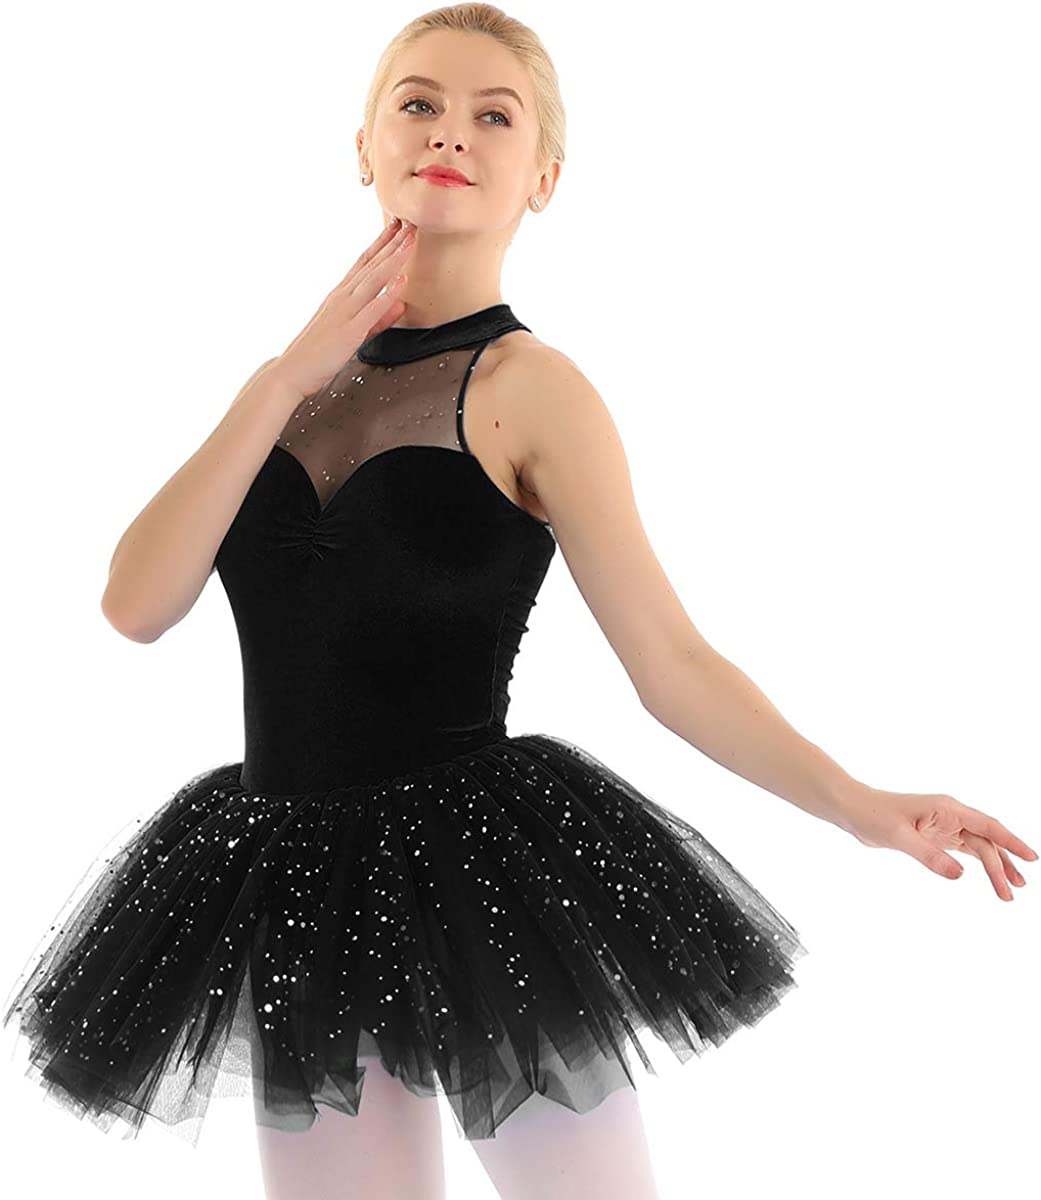 Freebily Velluto Vestito da Danza Balletto Body Tutu Danza Classica Donna Strass Maglia Vestito da Ballo Latino Donna Glitter Vestito Pattinaggio Artistico Ragazza